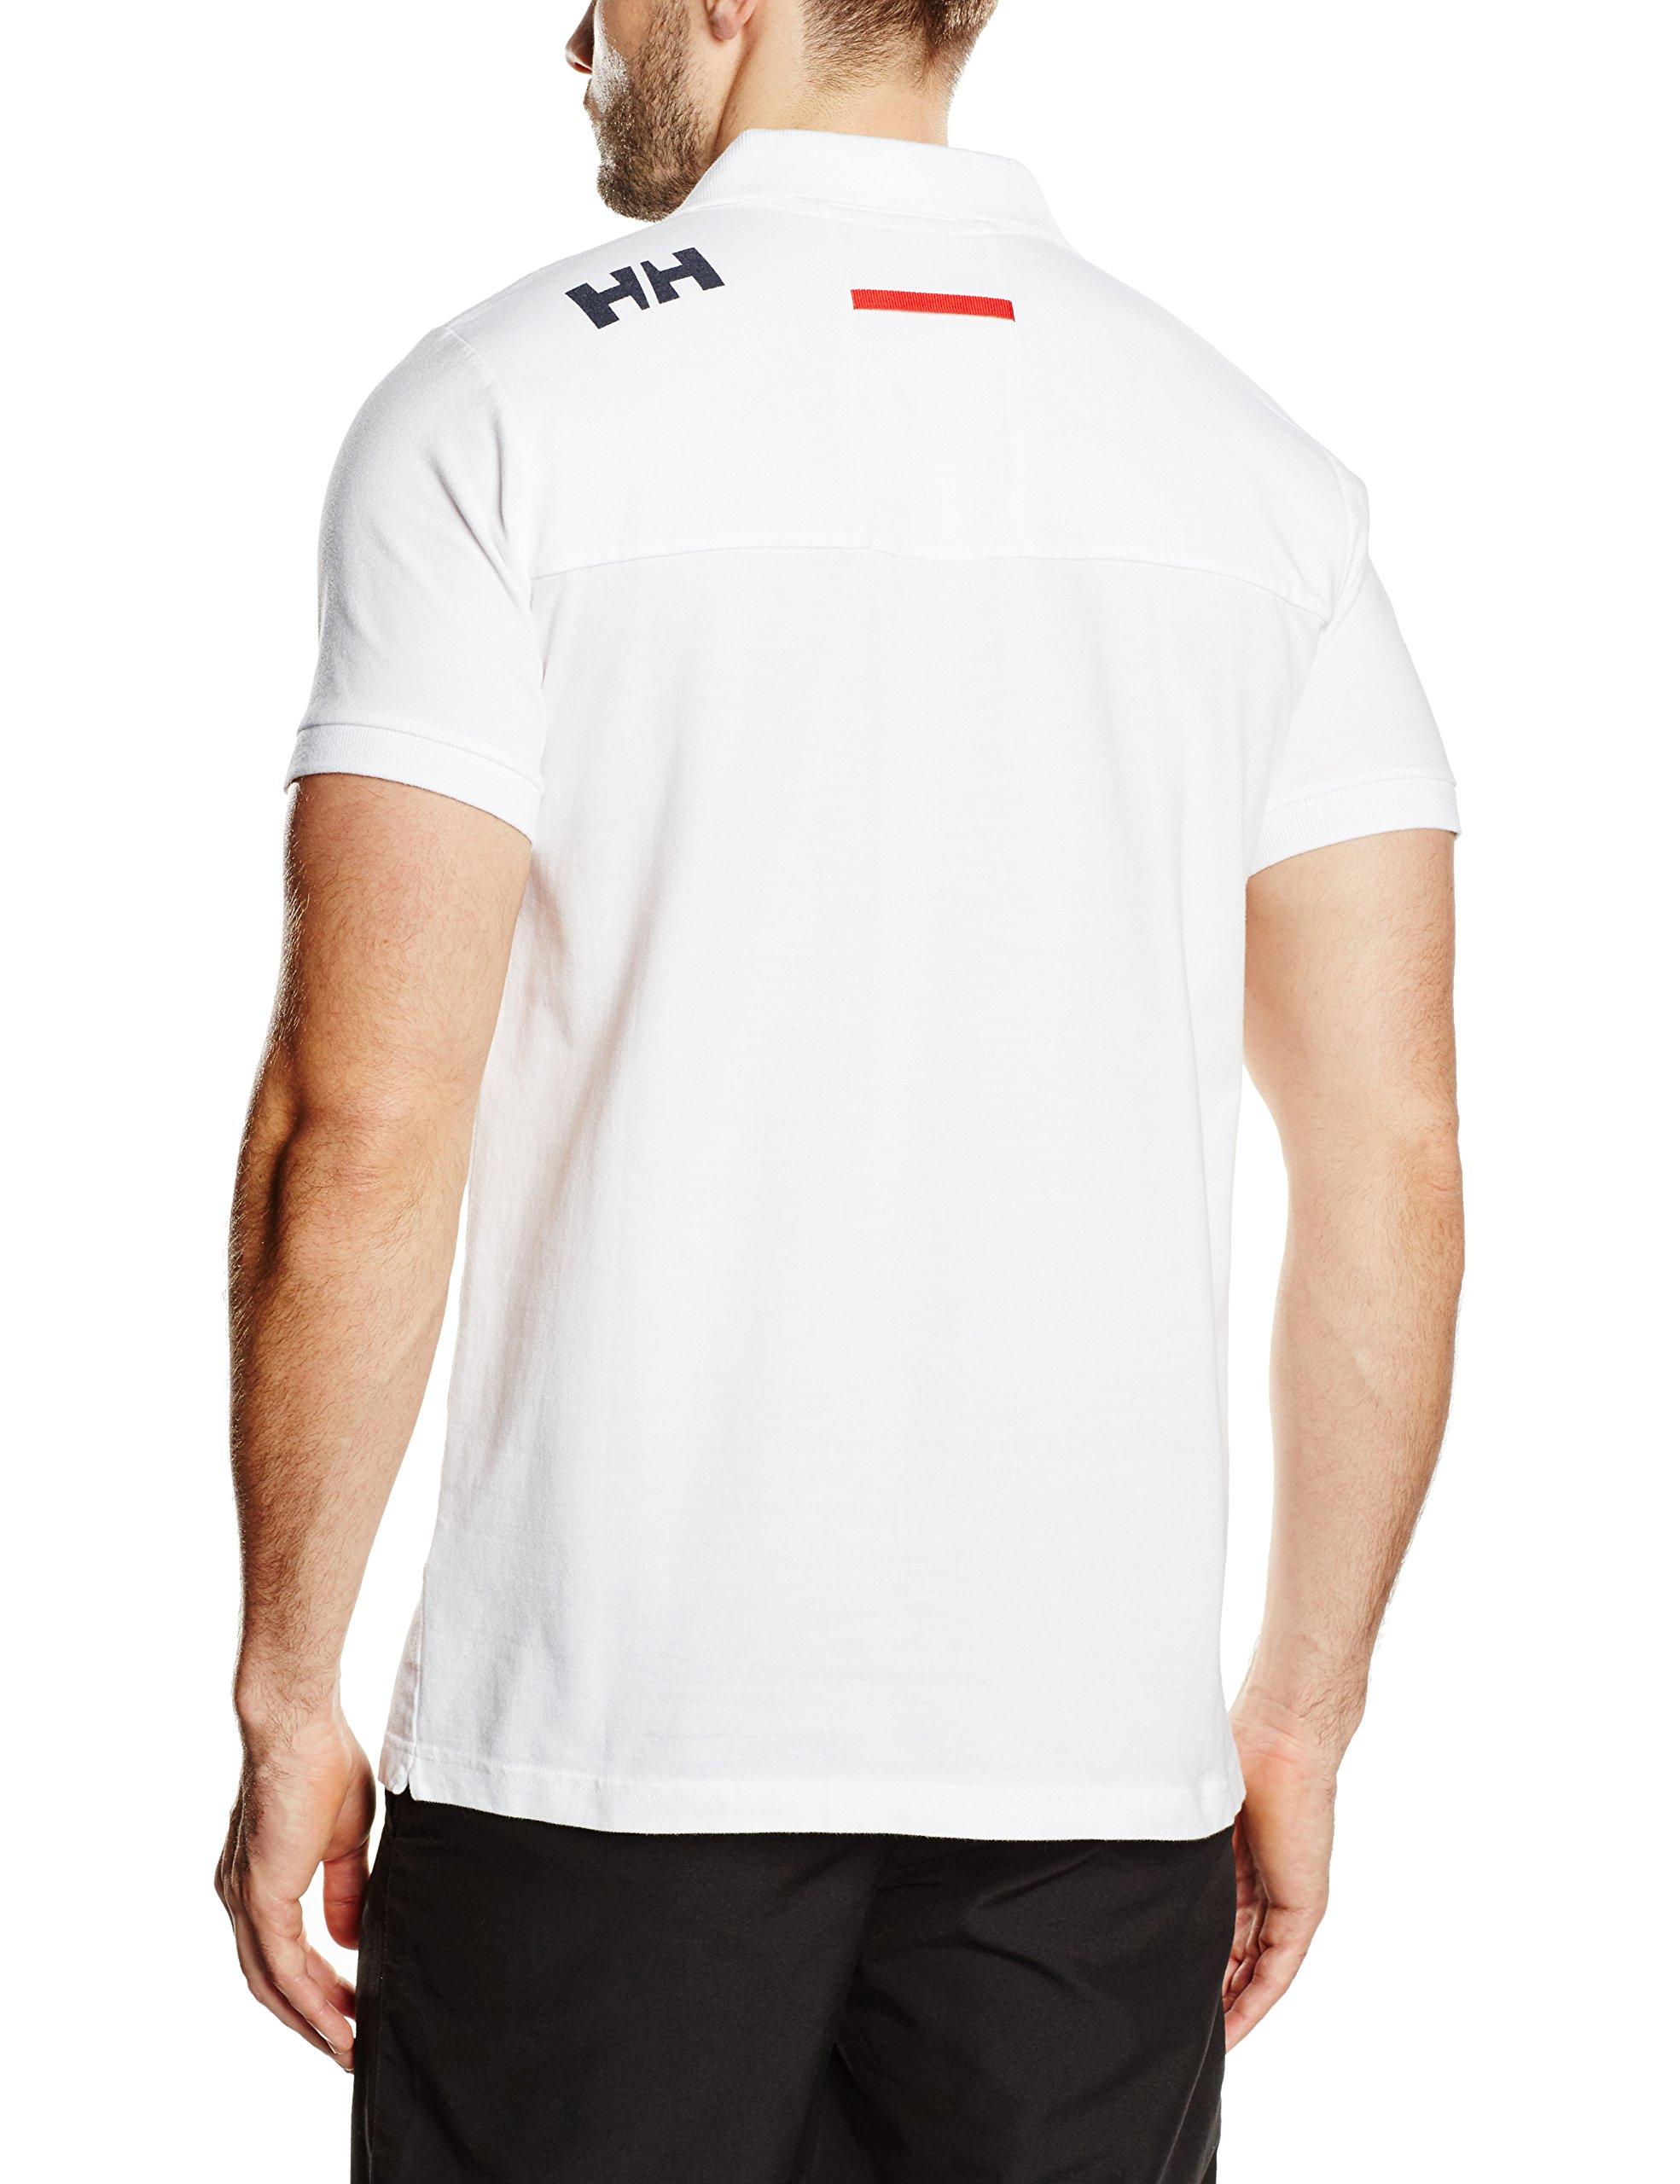 ee7ade1c9 Buyr.com - Helly Hansen Men s Marstrand Polo Shirt